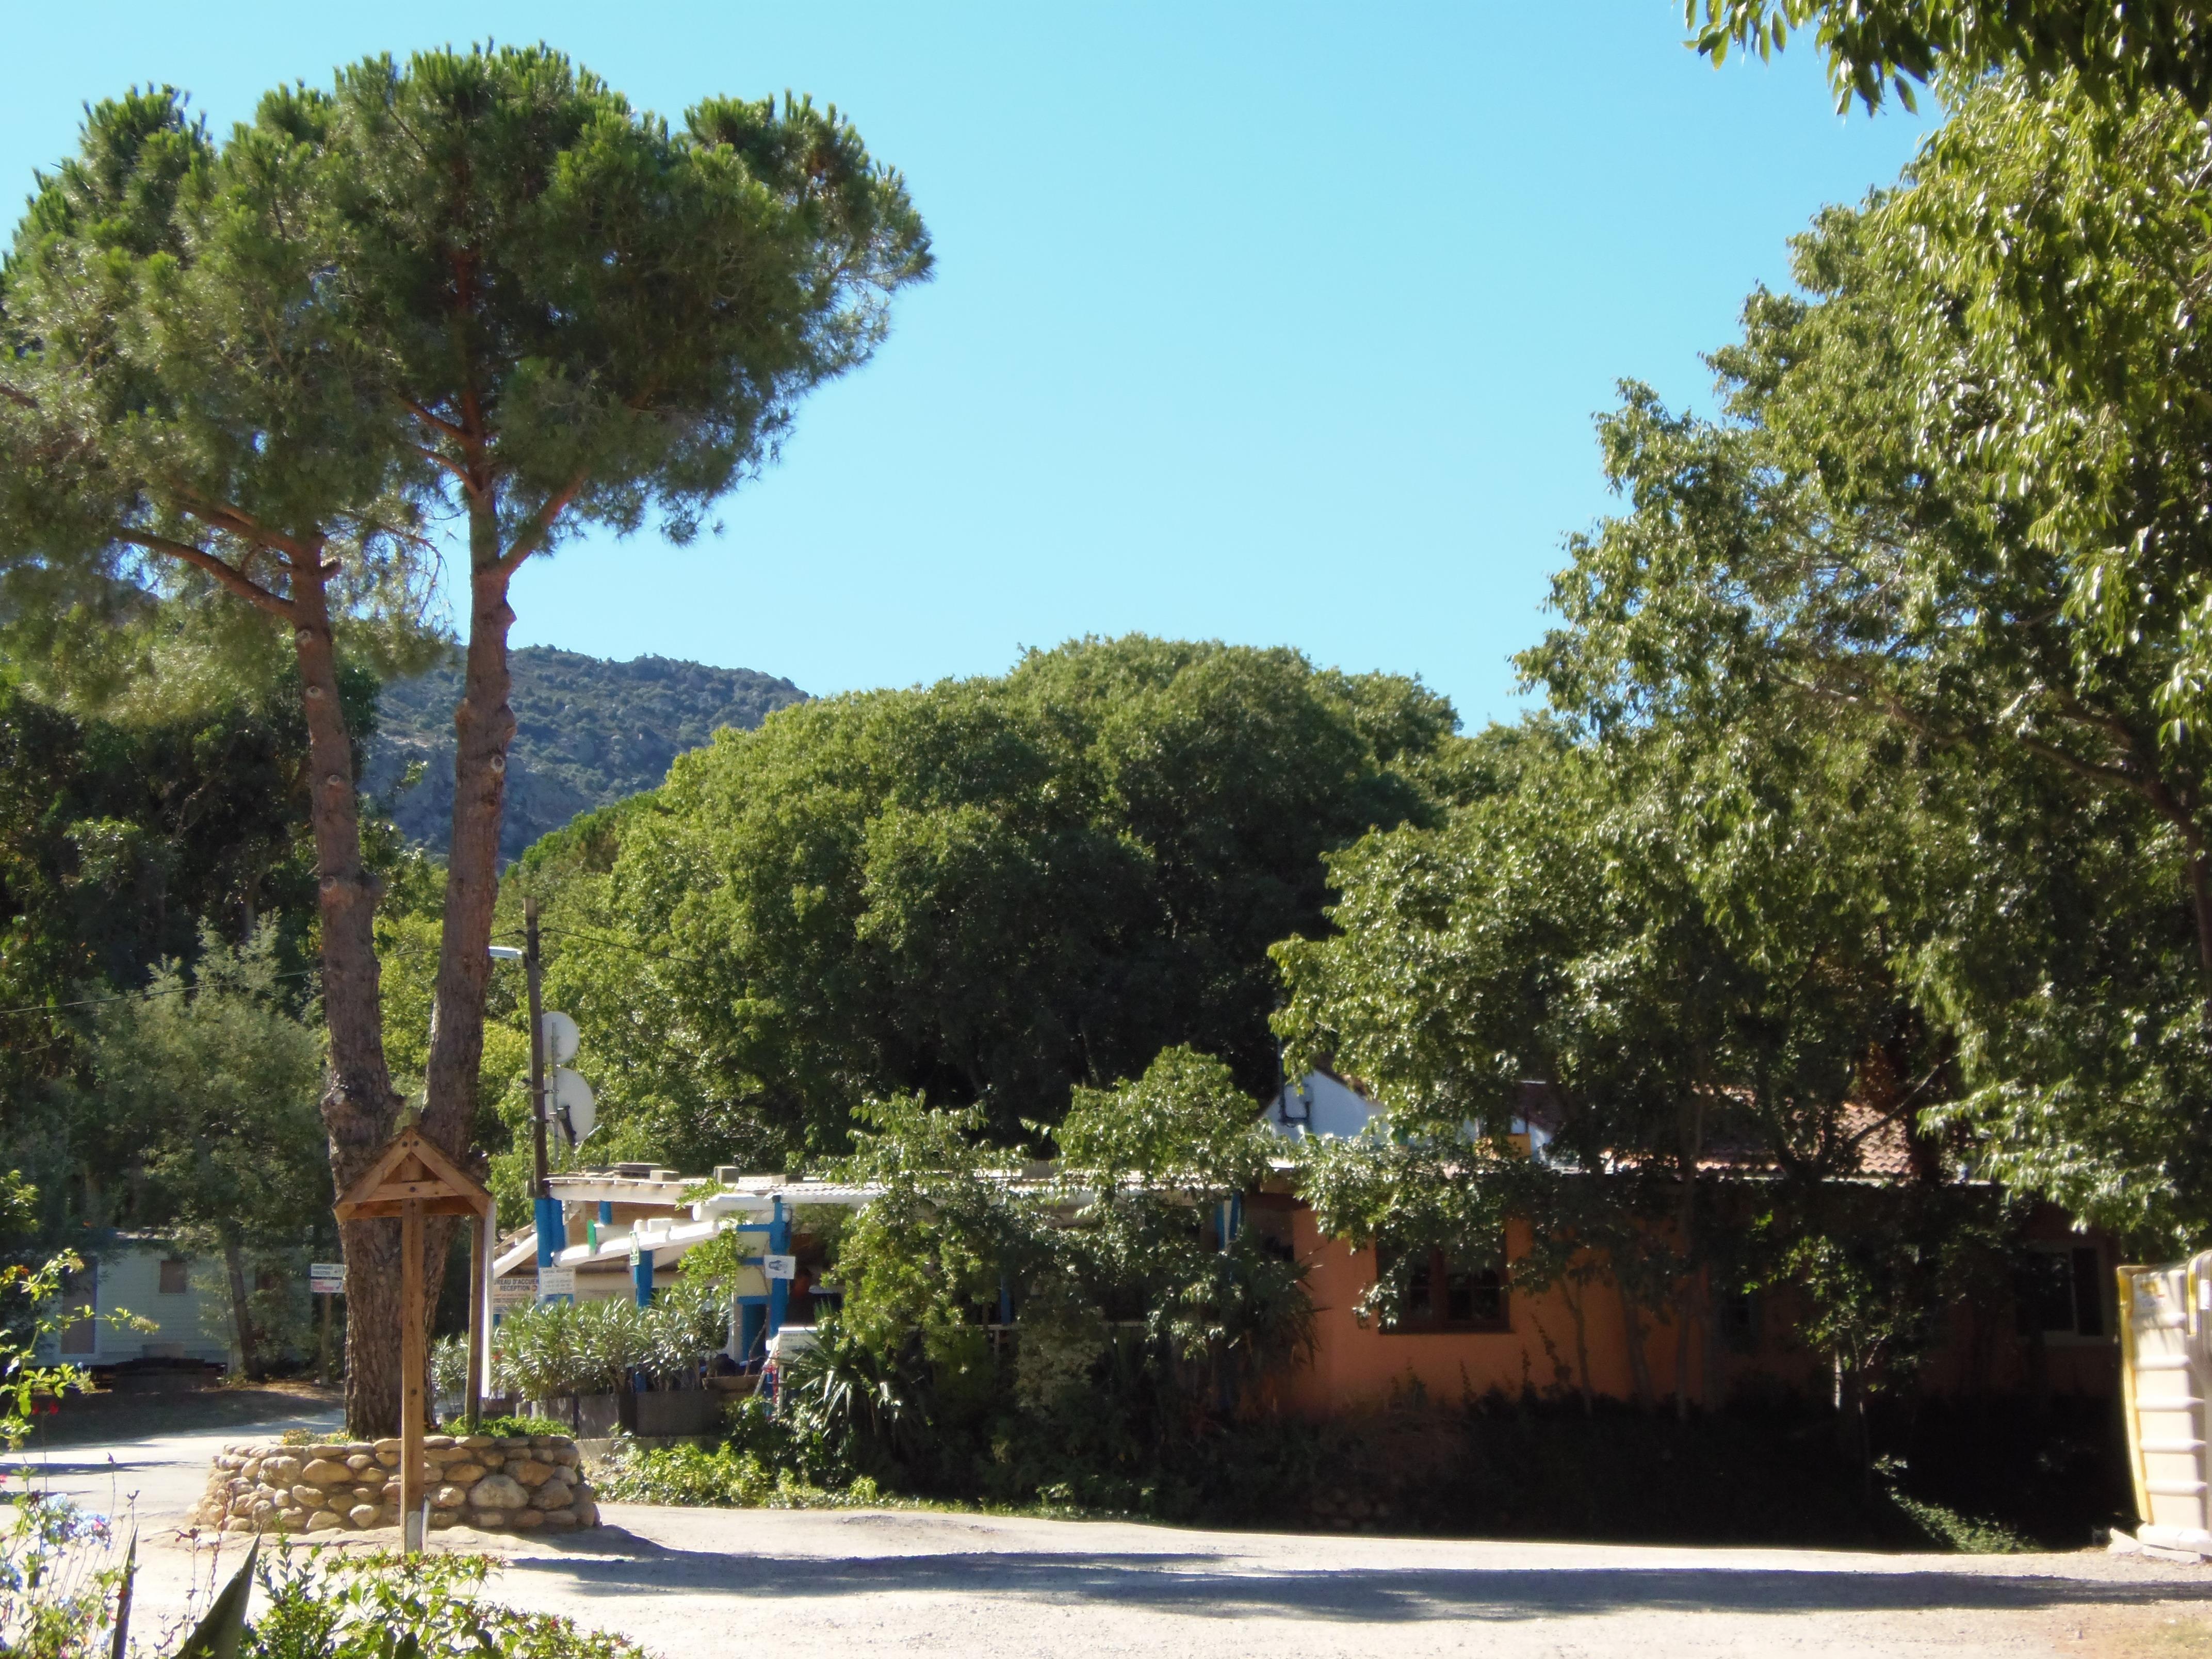 Camping le Rancho, Argeles-sur-Mer, Pyrénées-Orientales